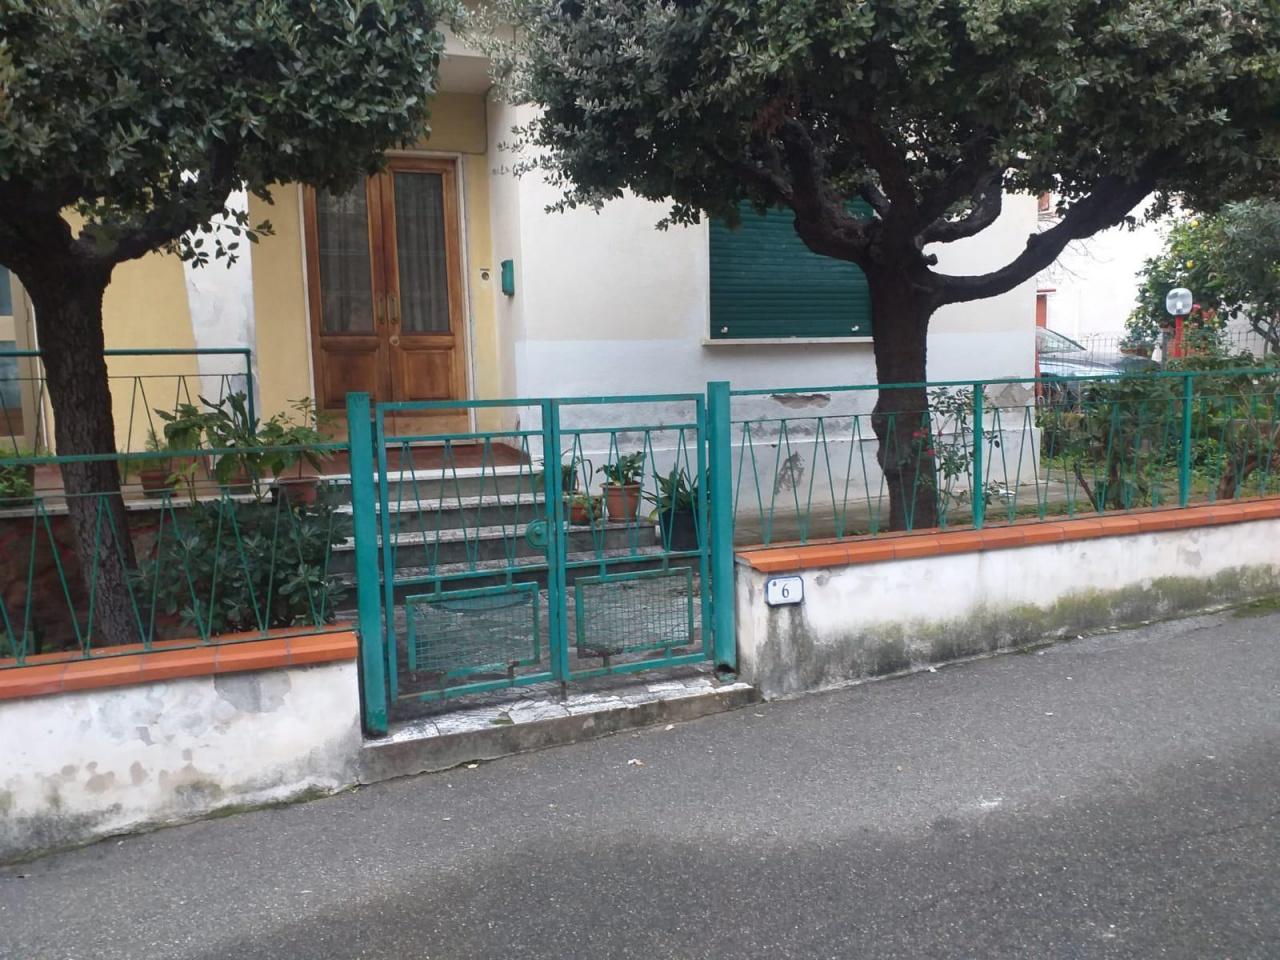 Casa indipendente 6 locali in vendita a Rosignano Marittimo (LI)